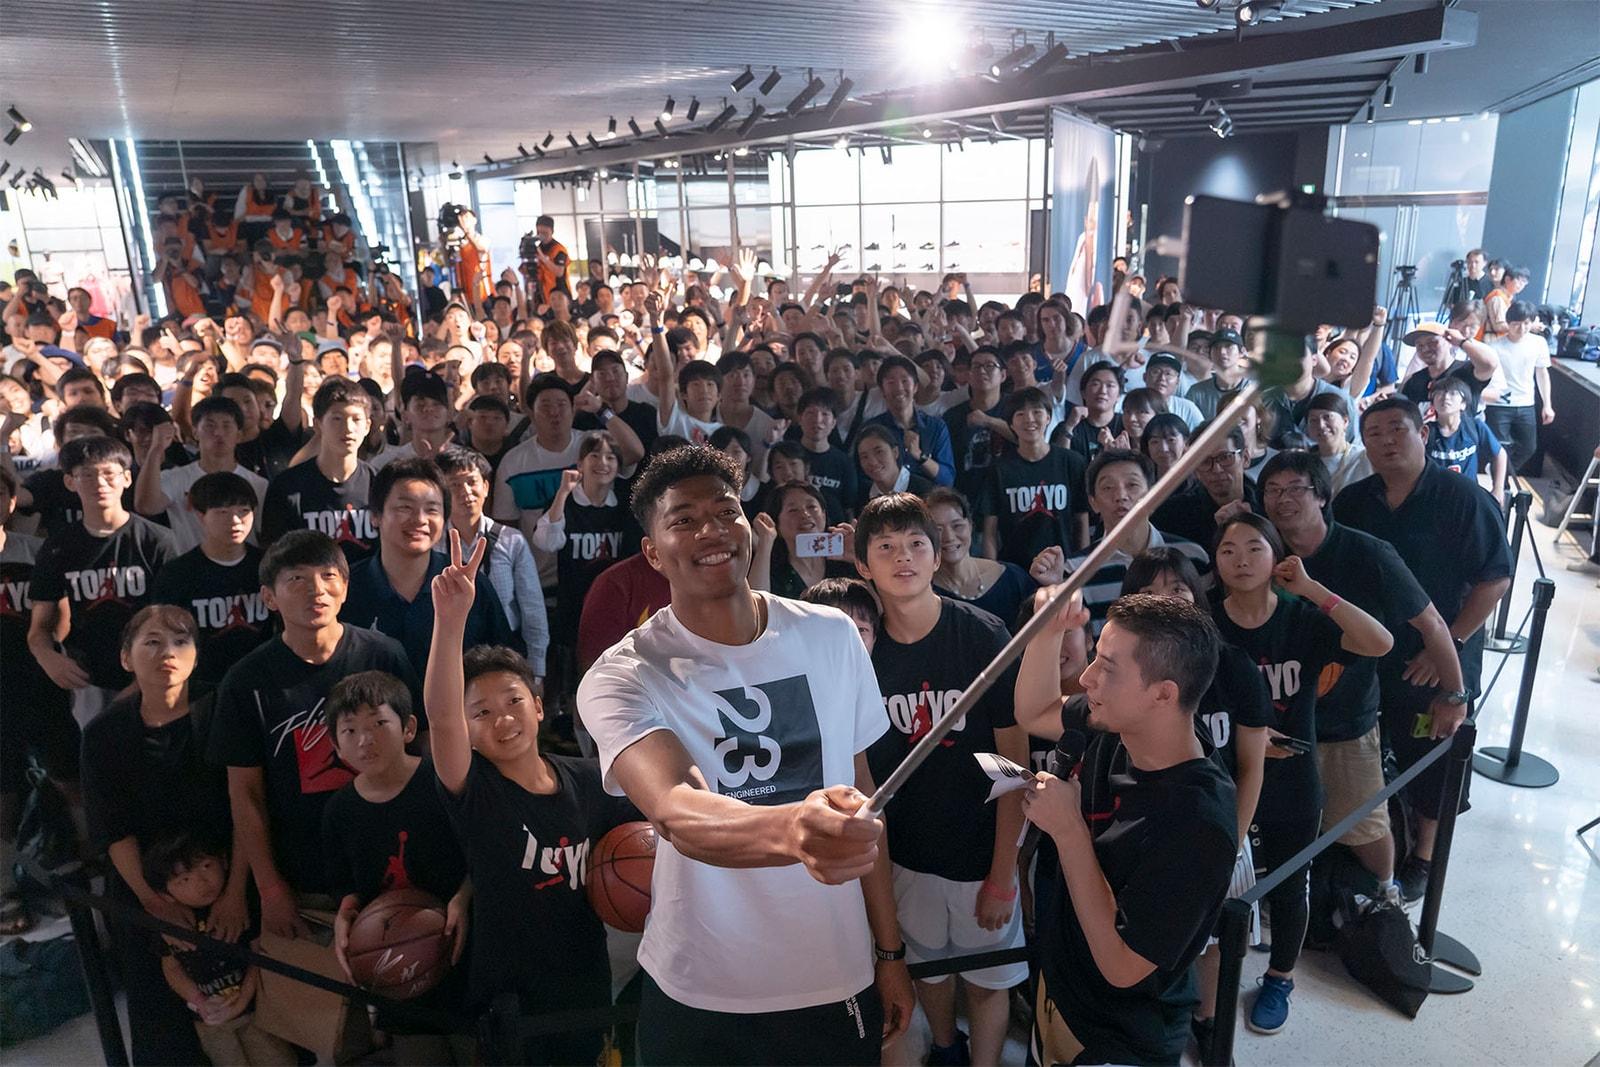 八村塁 Rui Hachimura NBA ウィザーズ ジョーダン Jordan バスケ バスケットボール